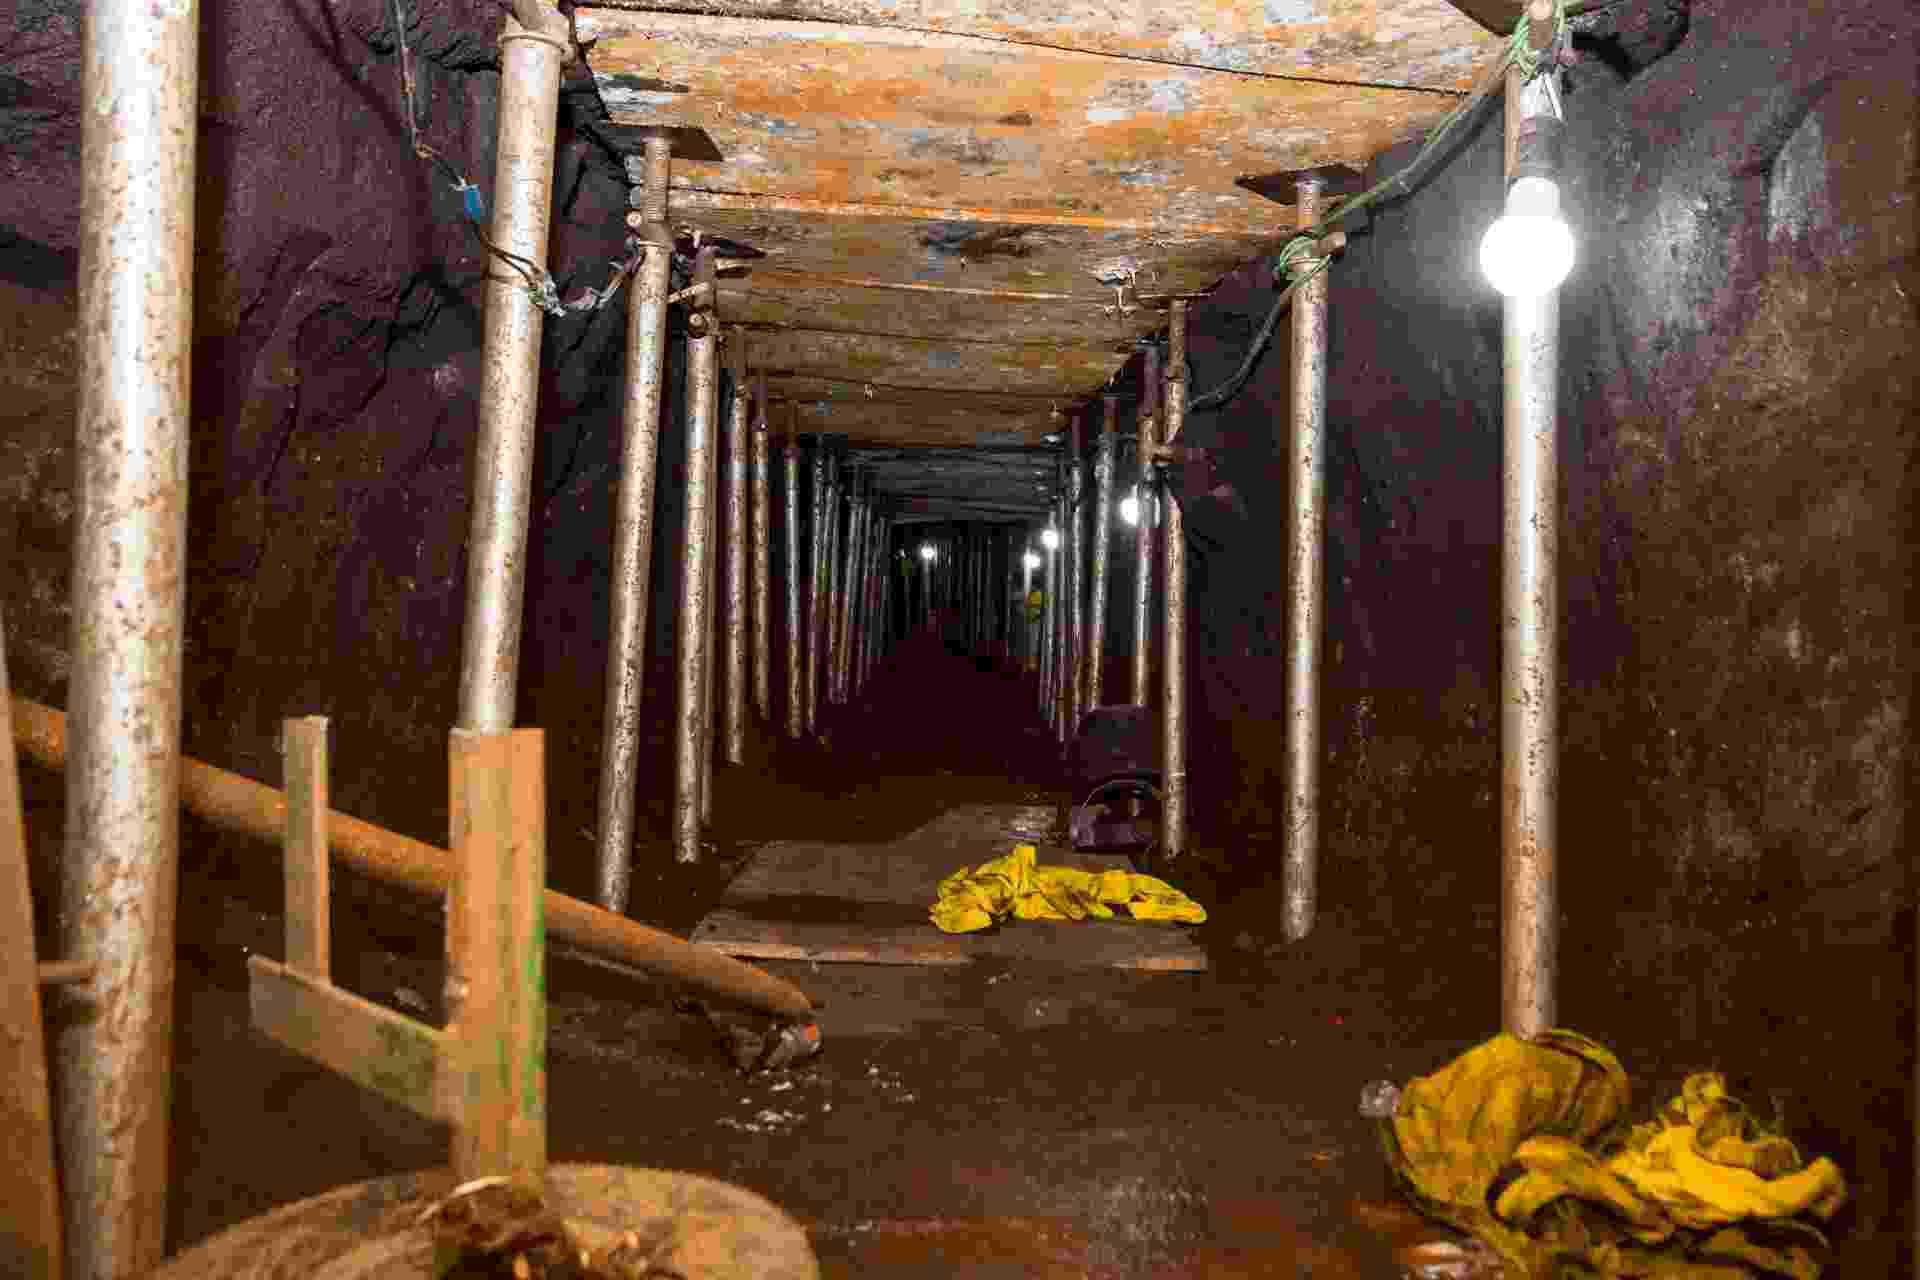 """3.out.2017 - O túnel cavado tinha 600 metros de comprimento e em torno de 1,5 m de altura. Foi cavado para chegar ao cofre da base de distribuição do Banco do Brasil em São Paulo, na Chácara Santo Antônio, em Santo Amaro (zona sul). Os chefes do bando afirmaram que pretendiam fazer """"o maior roubo a banco do mundo"""" - Marcelo Goncalves/Sigmapress/Estadão Conteúdo"""